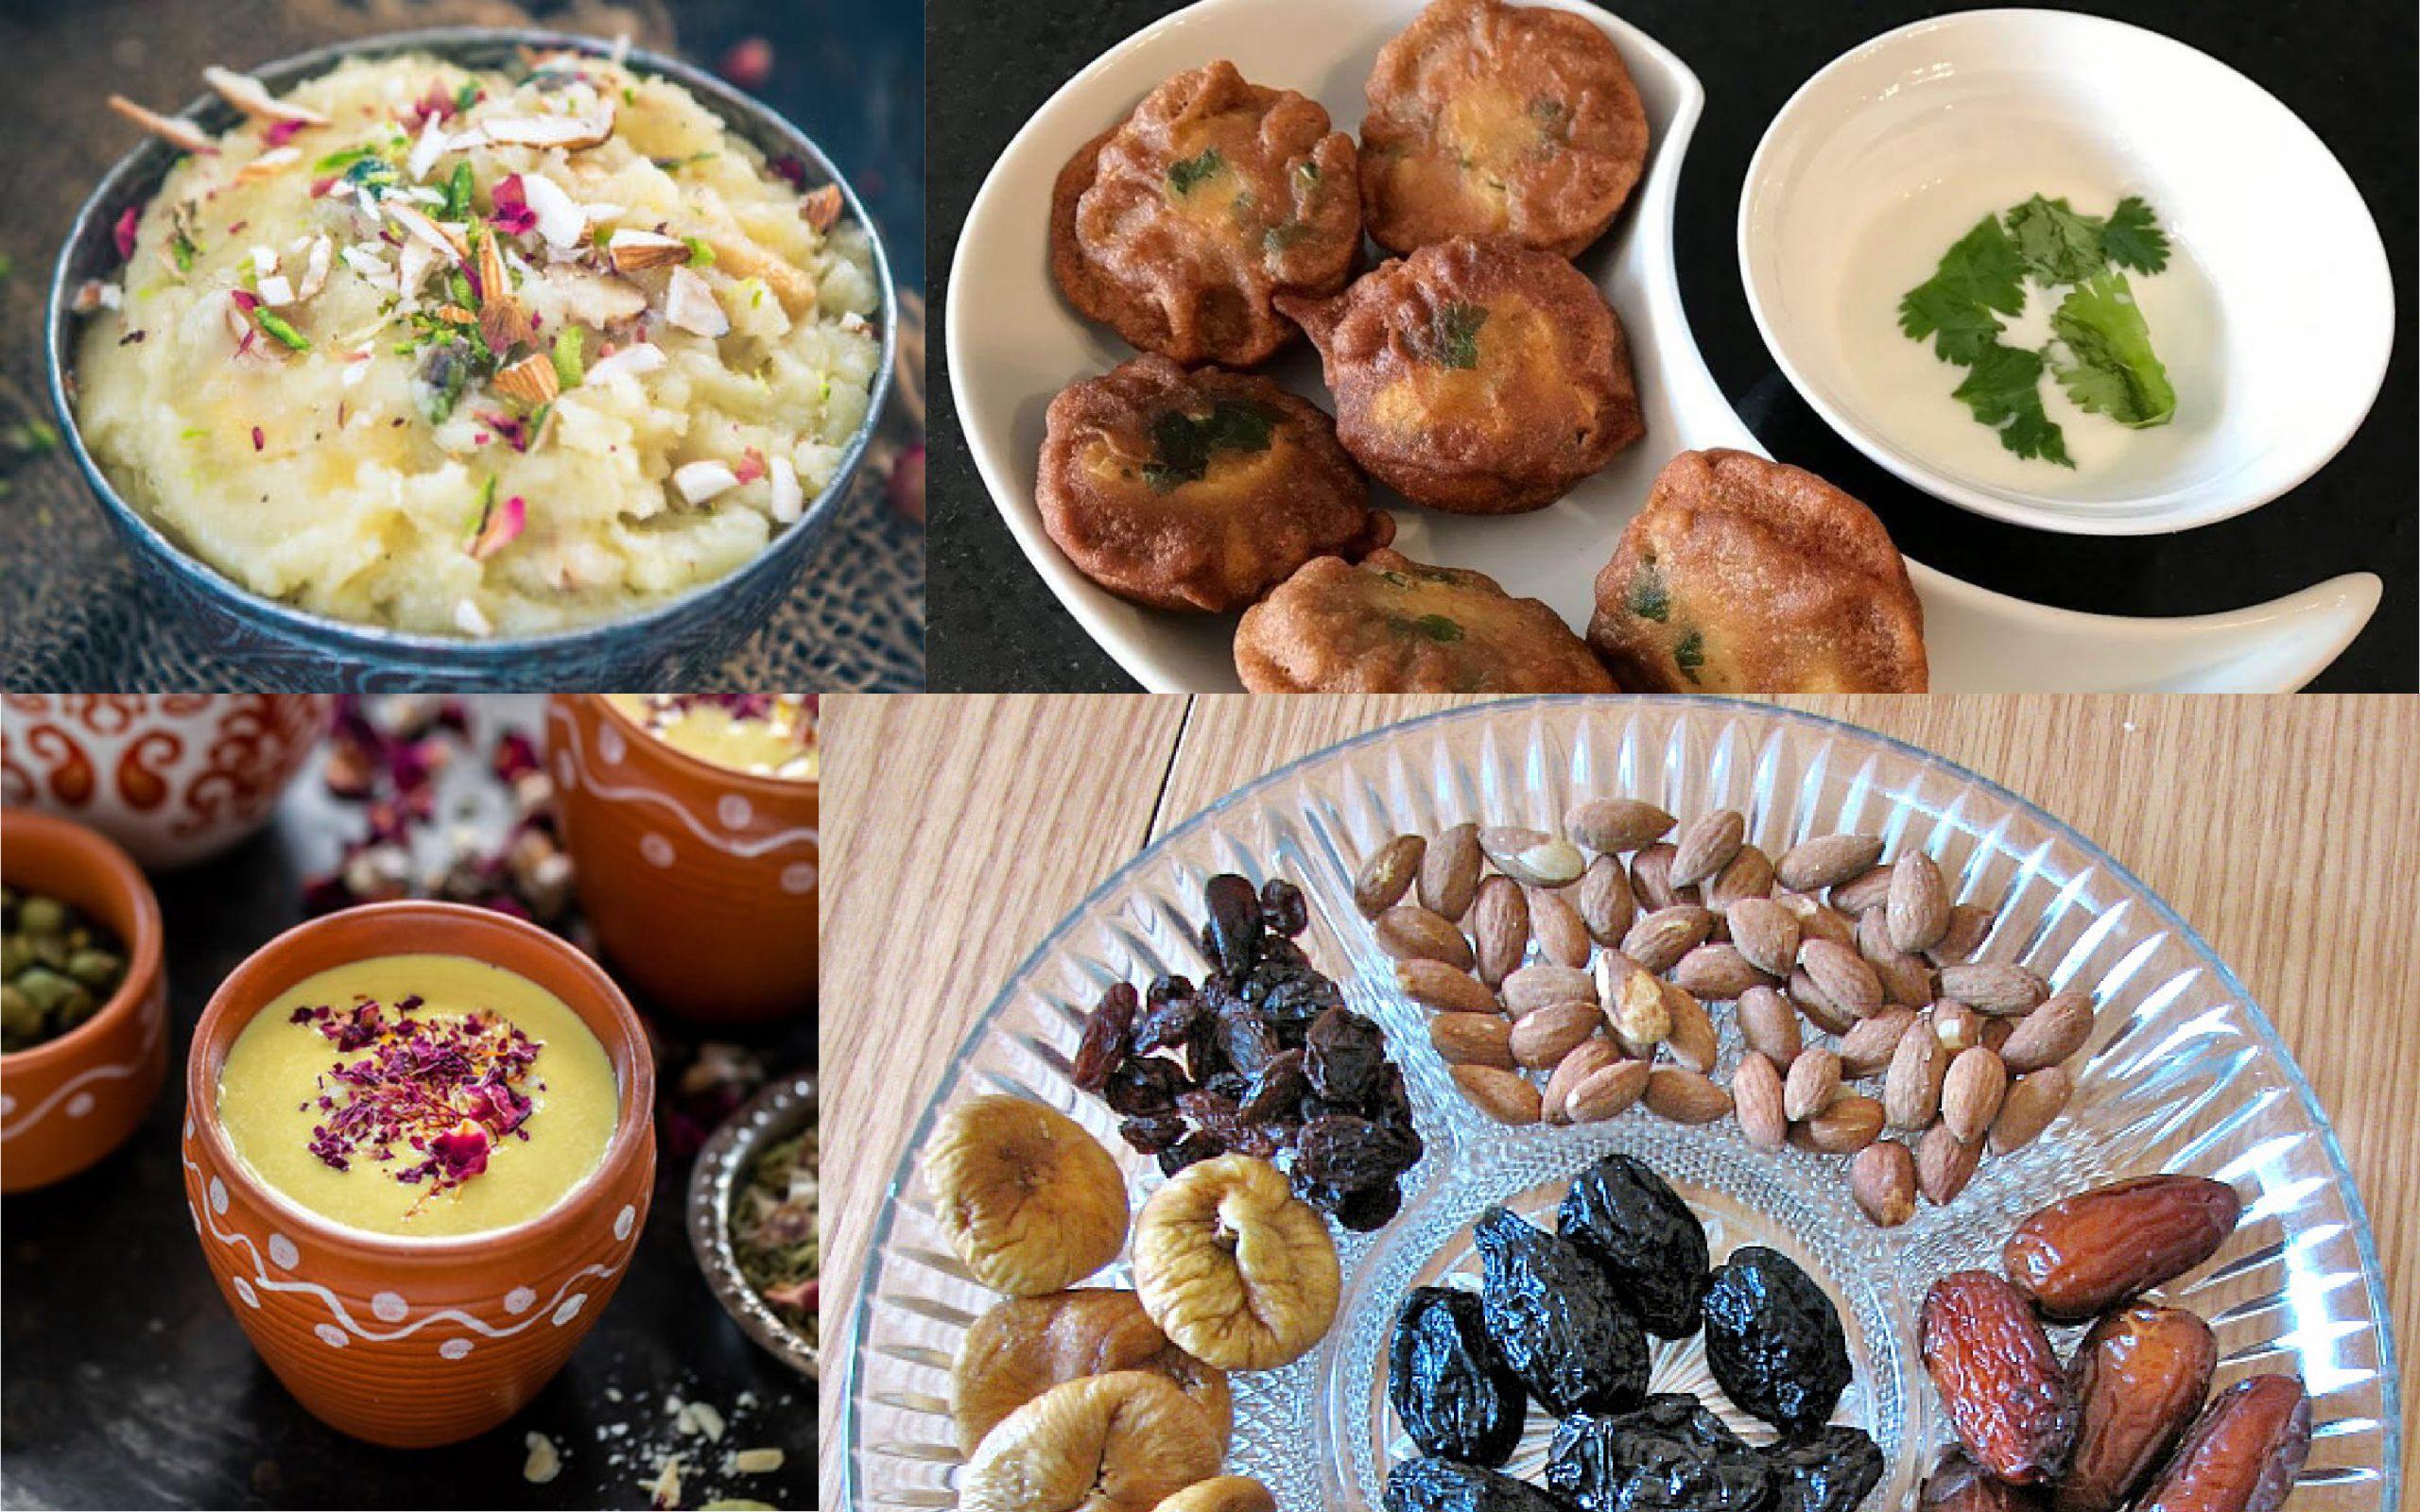 Mahashivratri Vrat Recipe: शिवरात्रि के अवसर पर बनाएं ये टेस्टी फलाहार